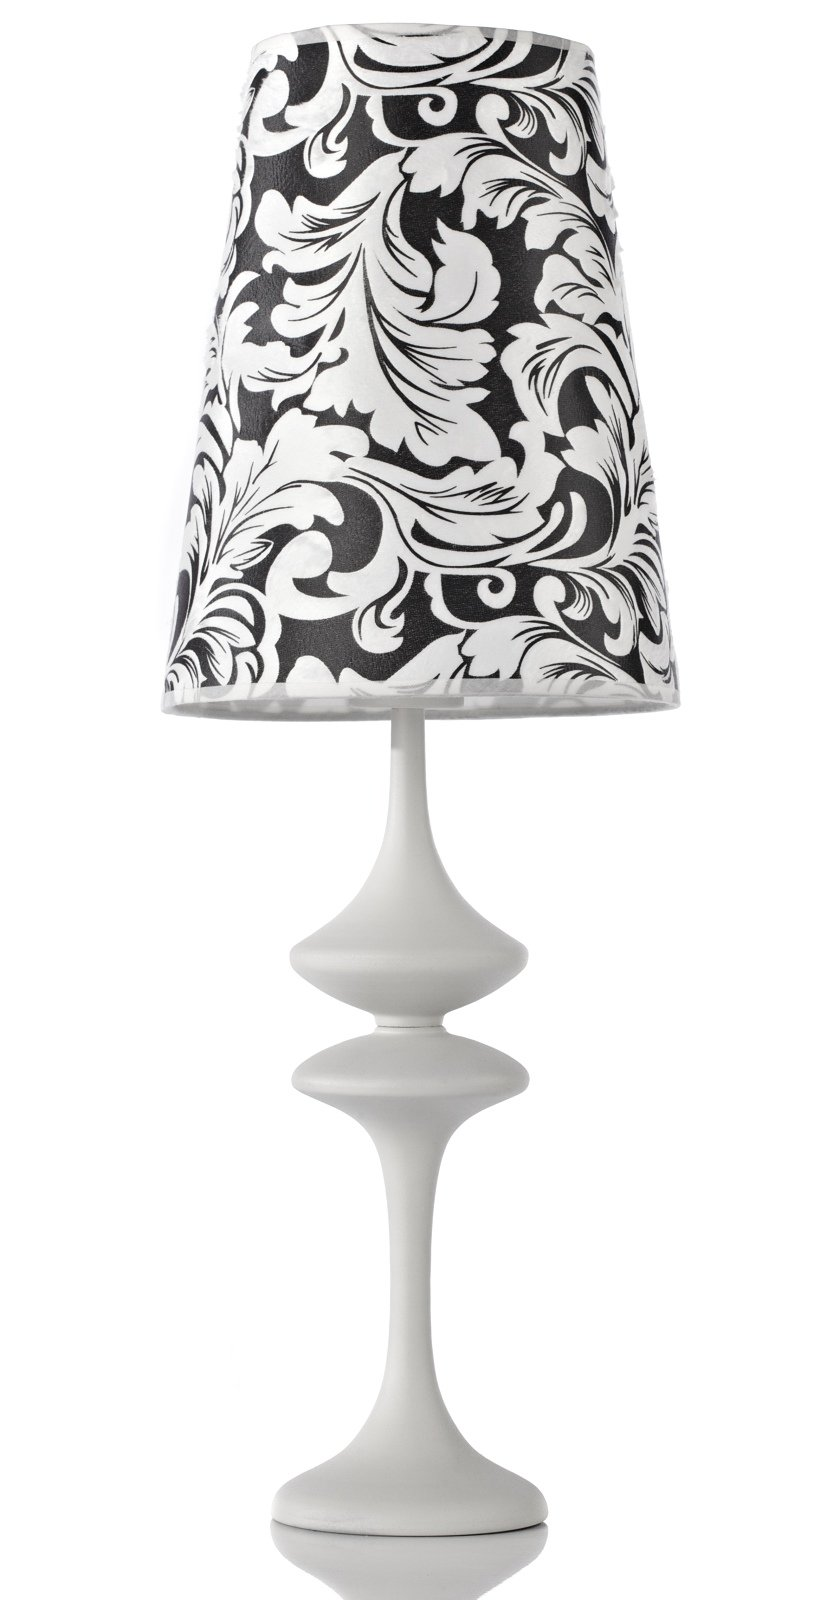 Настольная лампа IsabellaНастольные лампы<br>Элегантная настольная лампа Isabella в чёрно-белой <br>гамме украсит интерьер и сделает его светлее <br>и уютнее. Эта модель такая же изысканная, <br>как и ее название — «Изабелла». Она имеет <br>круглое основание белого цвета и фигурную <br>ножку, состоящую из двух симметричных изогнутых <br>частей. Абажур лампы выполнен из ткани, <br>его диаметр 20 см, высота 26 см. На чёрном фоне <br>расположен крупный узор со стилизованными <br>листьями и вензелями.<br><br>Цвет: Белый, Чёрный<br>Материал: Ткань, Металл<br>Вес кг: 1,6<br>Длина см: 20<br>Ширина см: 13<br>Высота см: 59